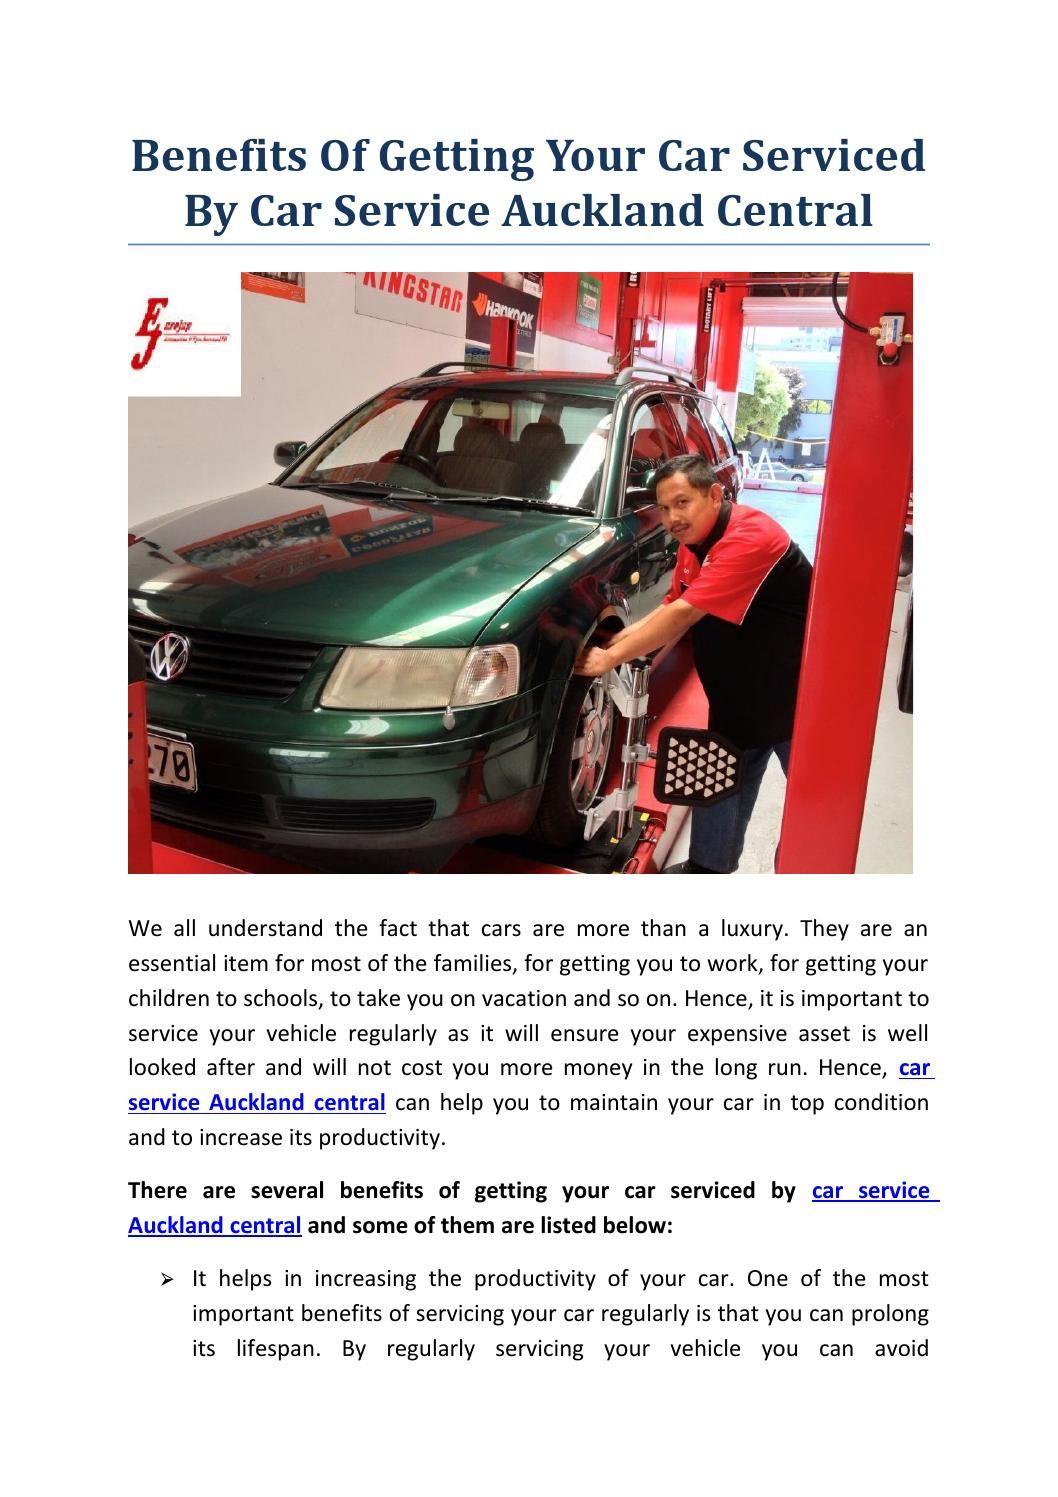 Car service auckland central Car, Auckland, Service